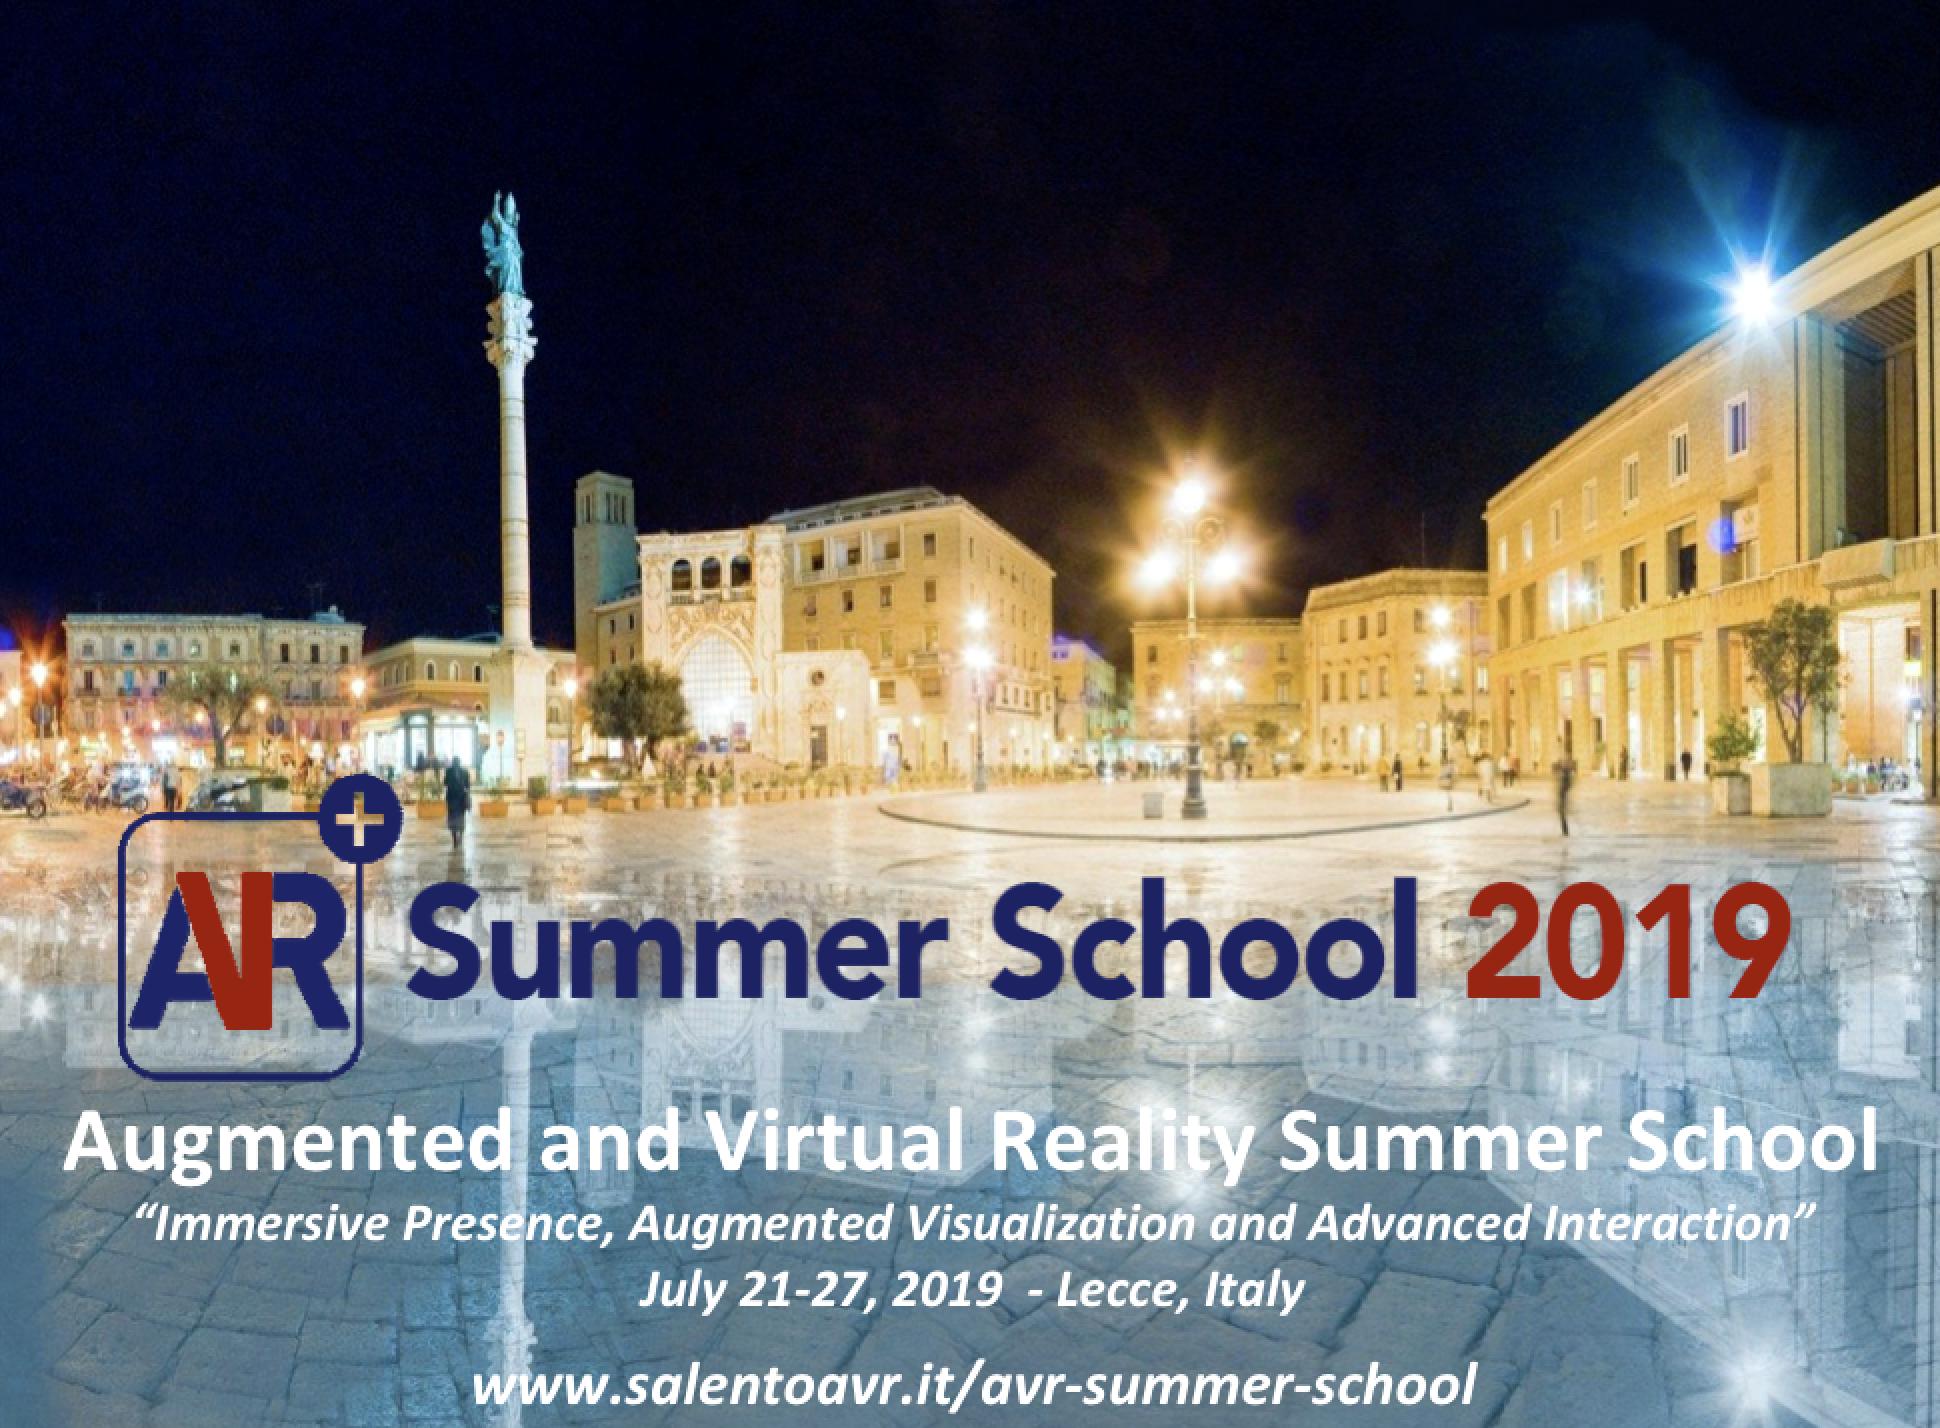 AVR Summer School